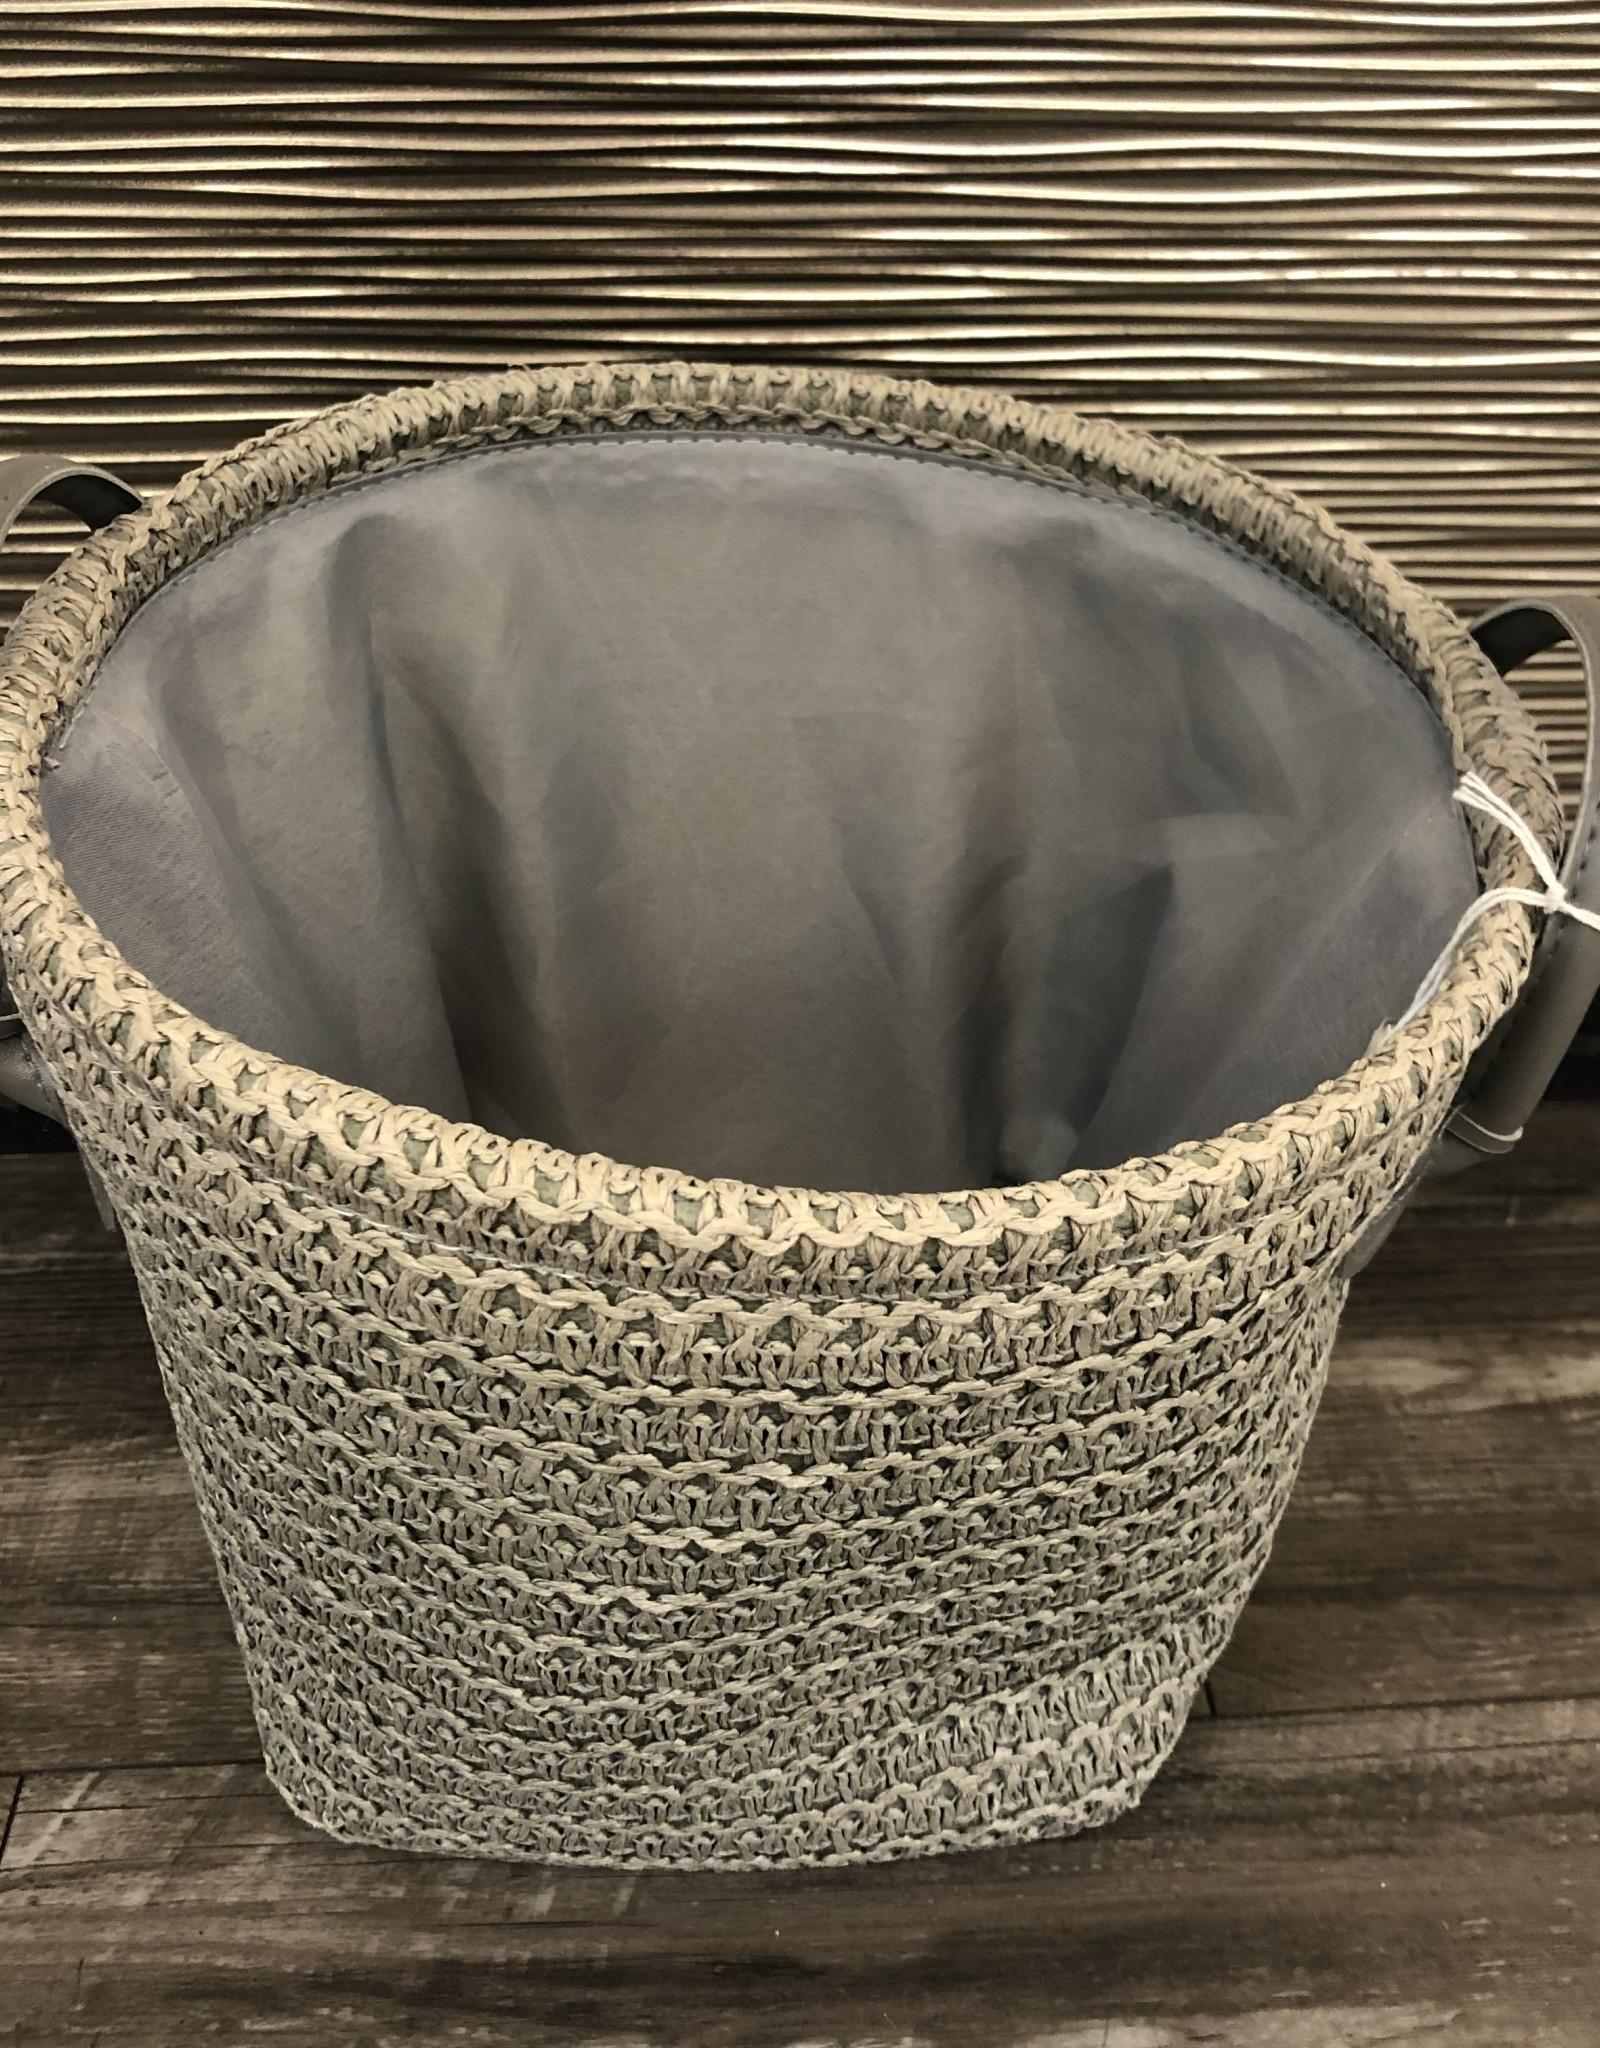 Basket Storage Round Torre & Tagus